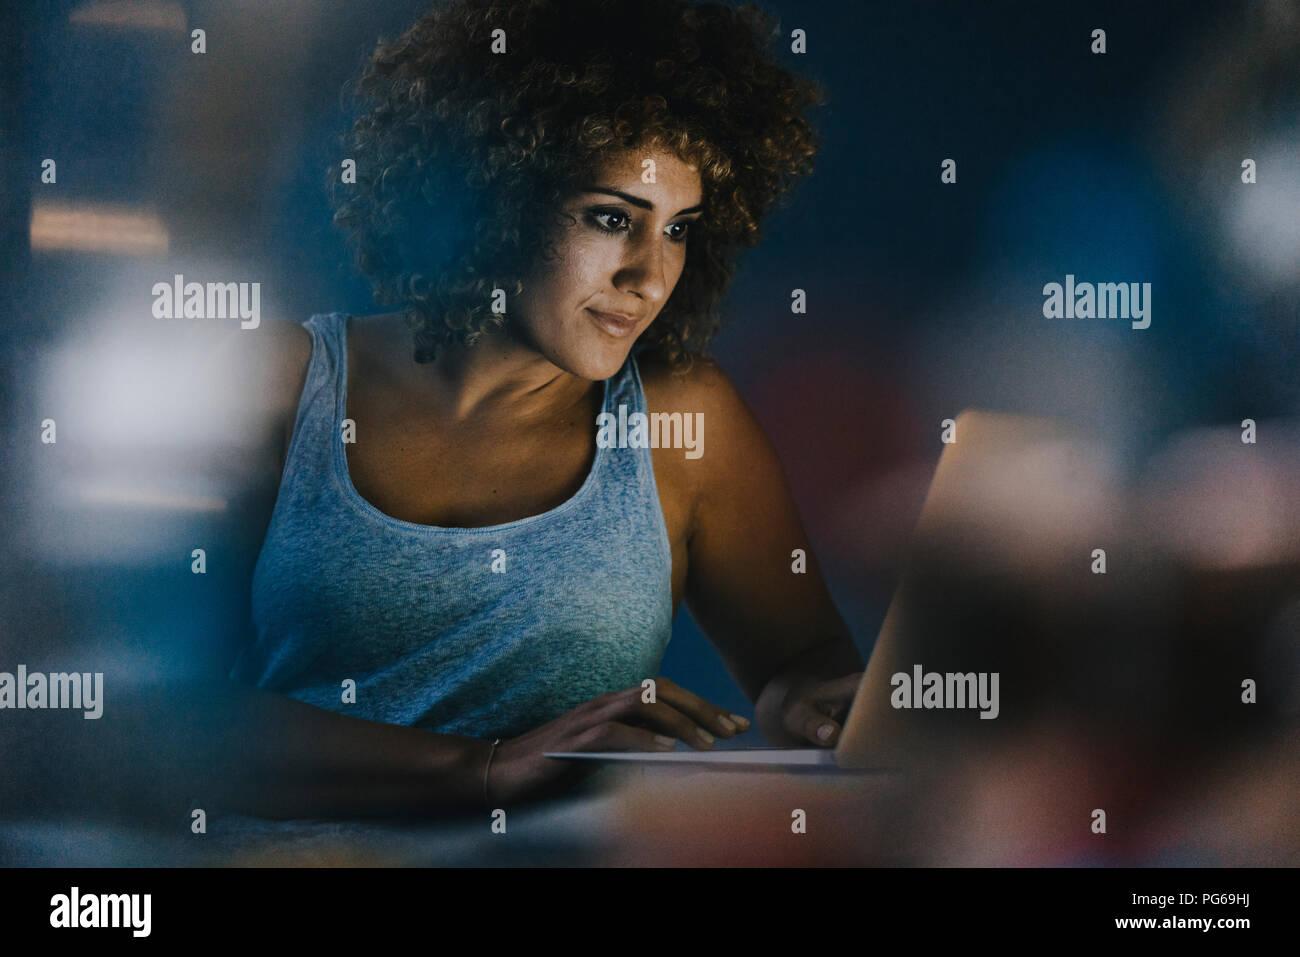 Femme travaillant des heures supplémentaires dans son entreprise qui démarre Banque D'Images